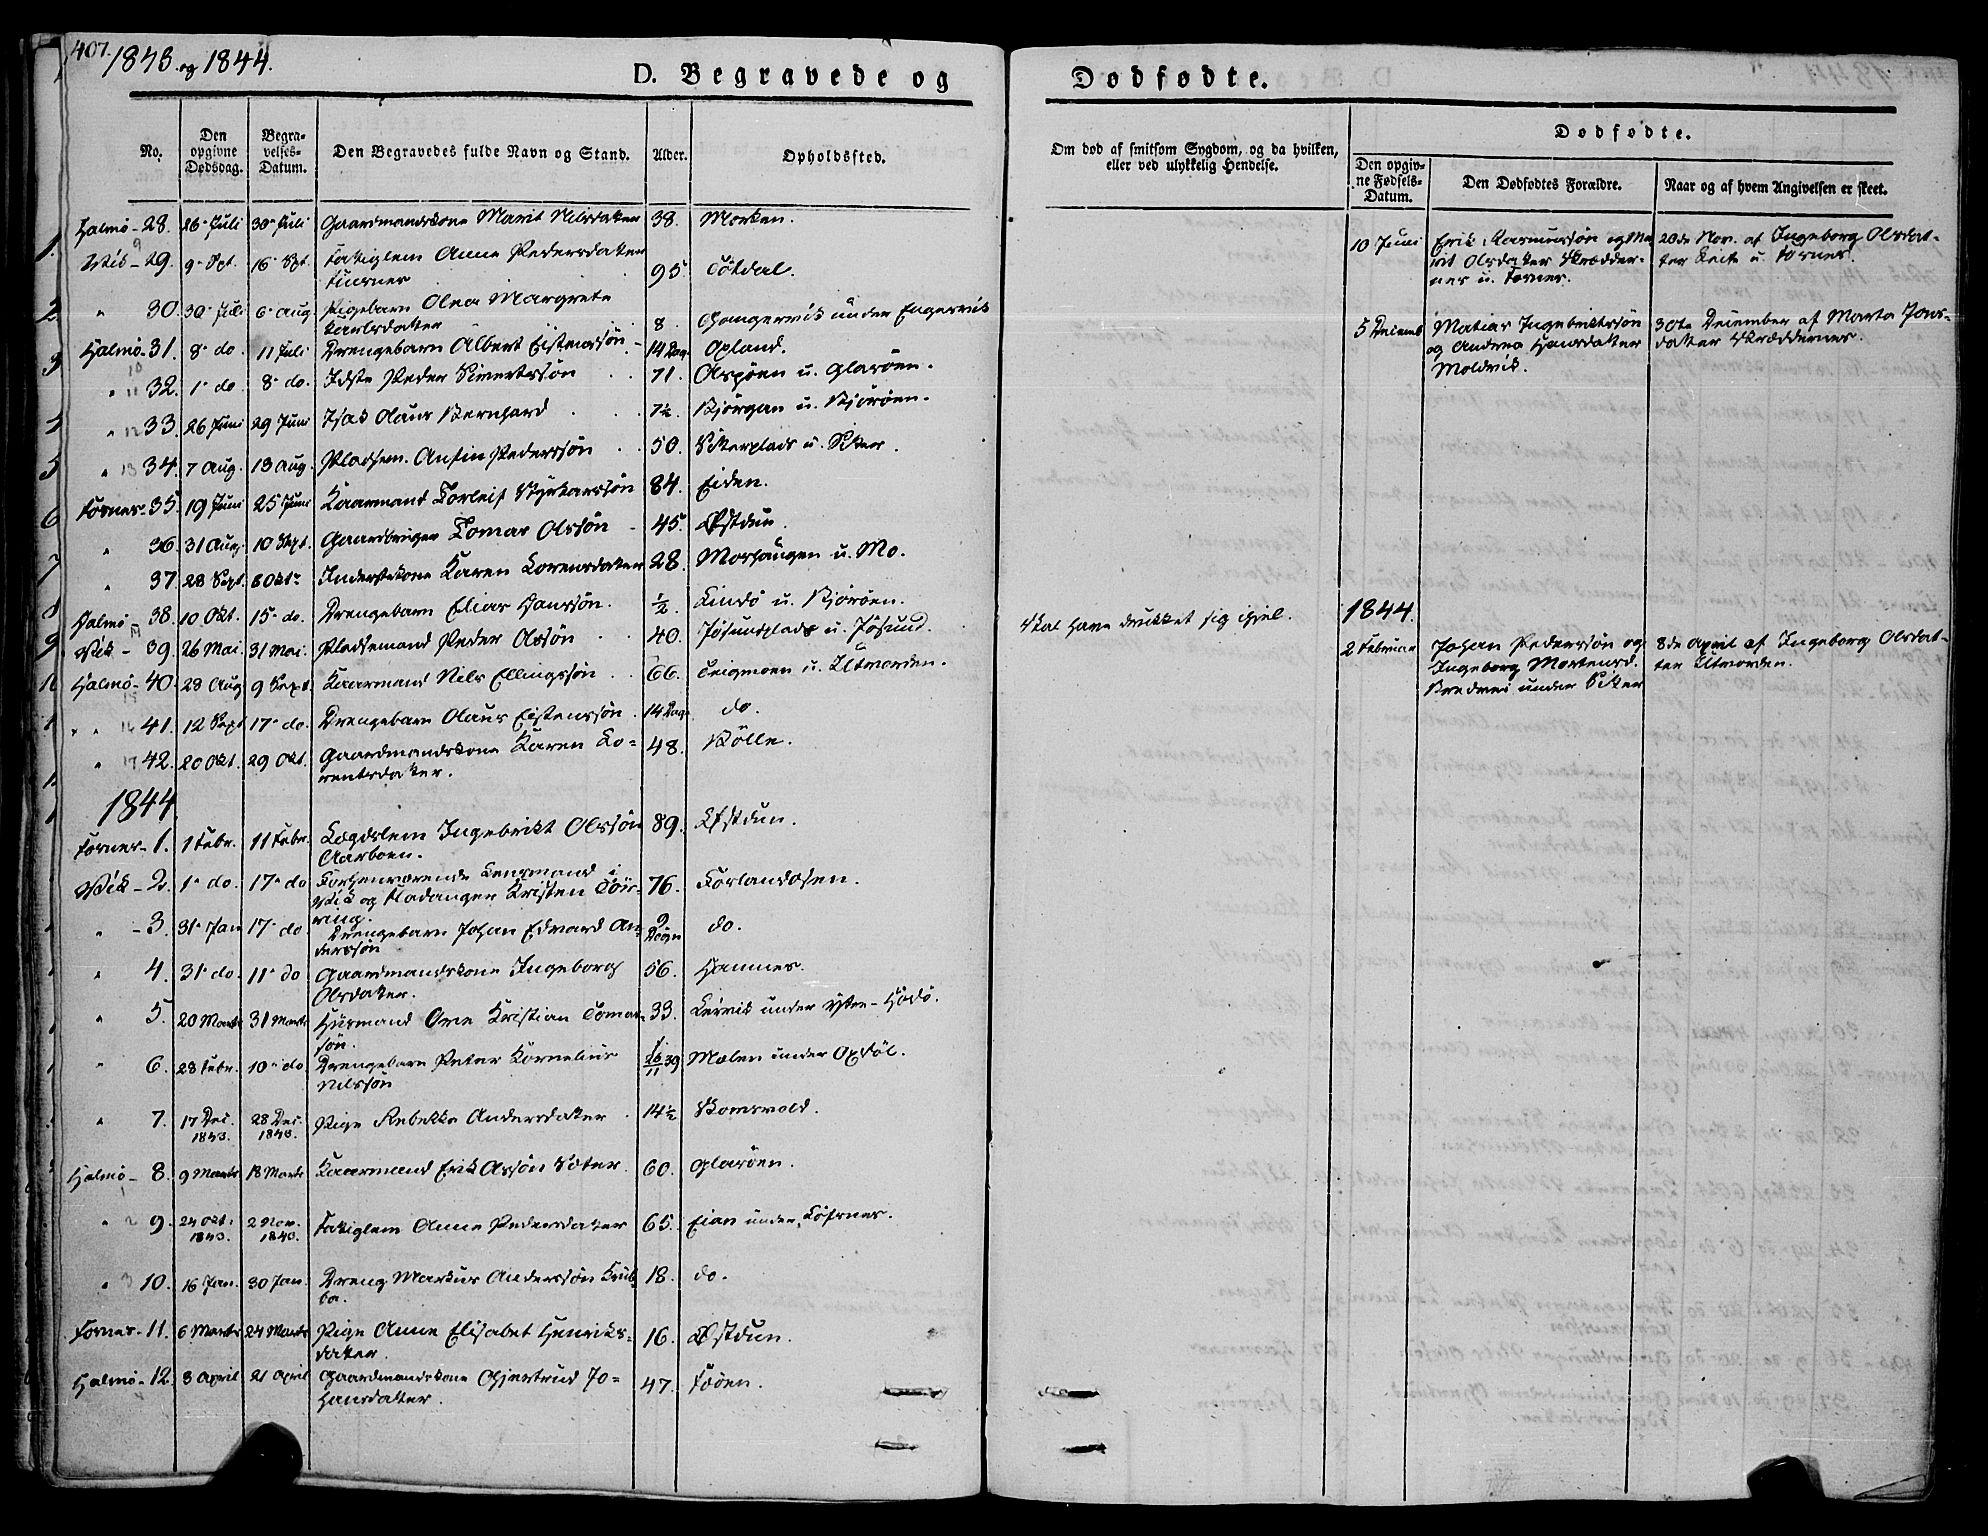 SAT, Ministerialprotokoller, klokkerbøker og fødselsregistre - Nord-Trøndelag, 773/L0614: Ministerialbok nr. 773A05, 1831-1856, s. 407